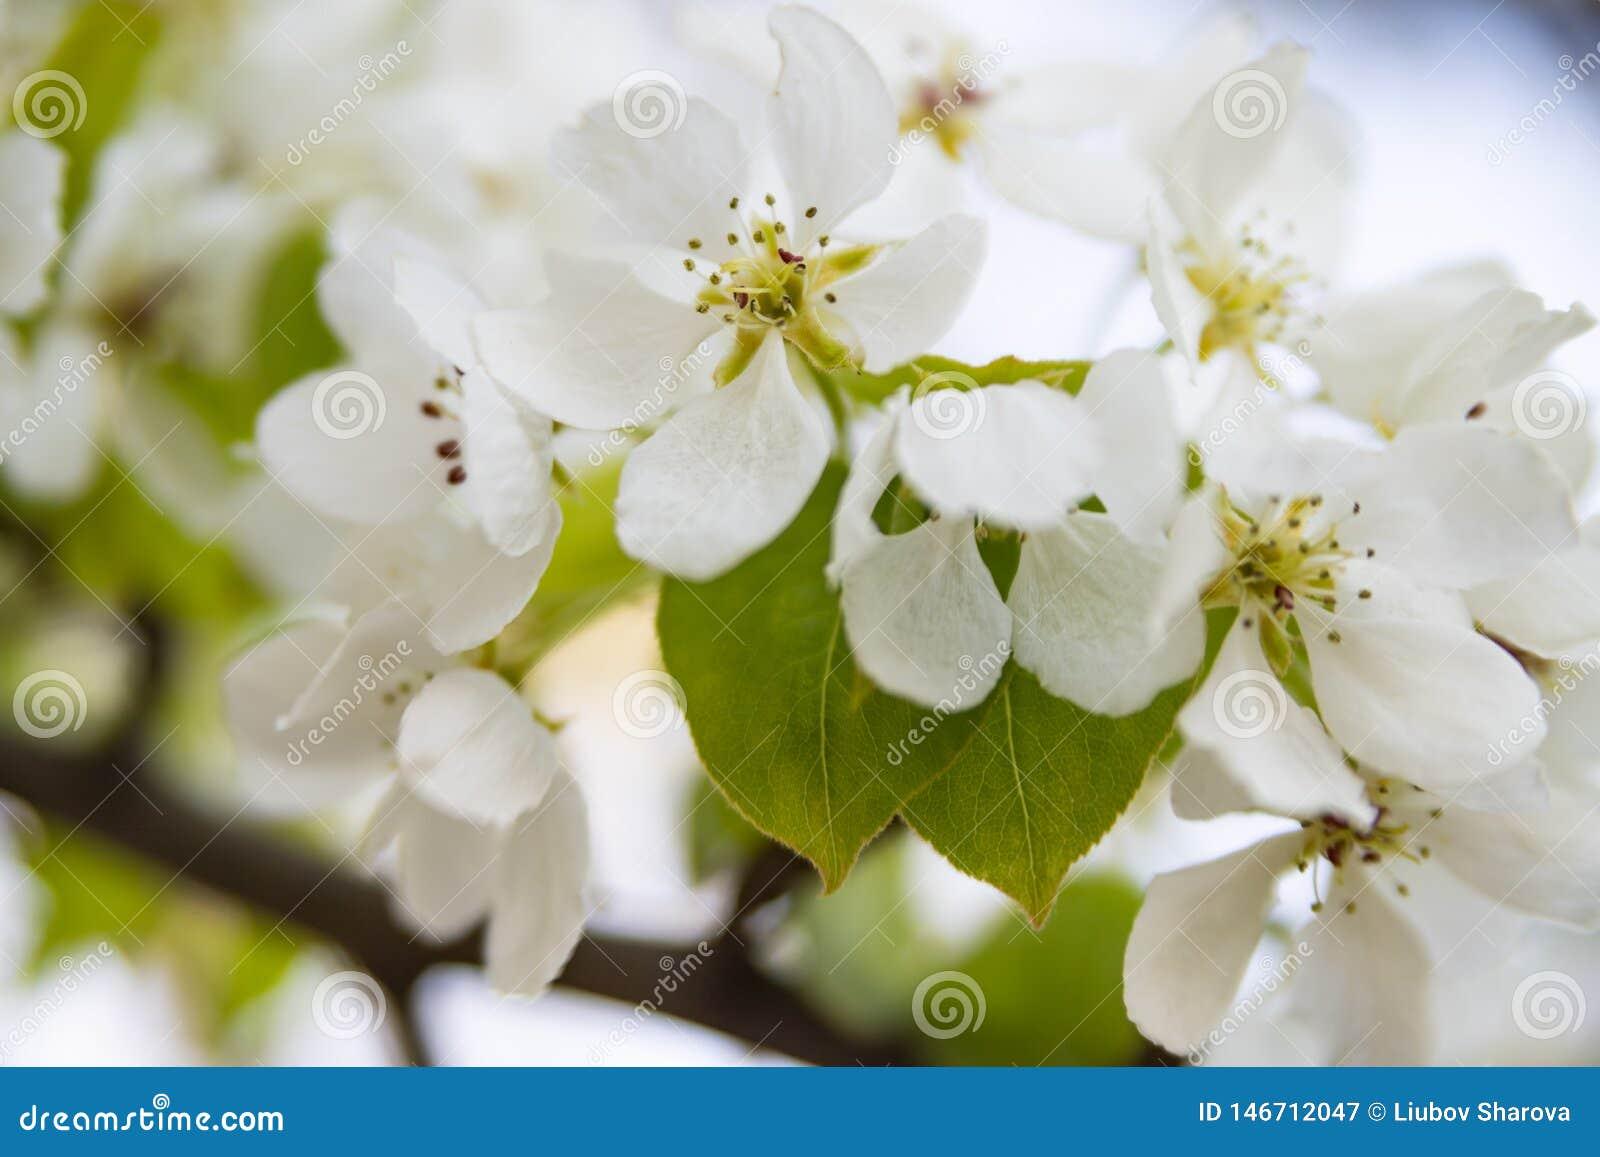 Vita blommor av närbilden för äppleträd på en suddig bakgrund